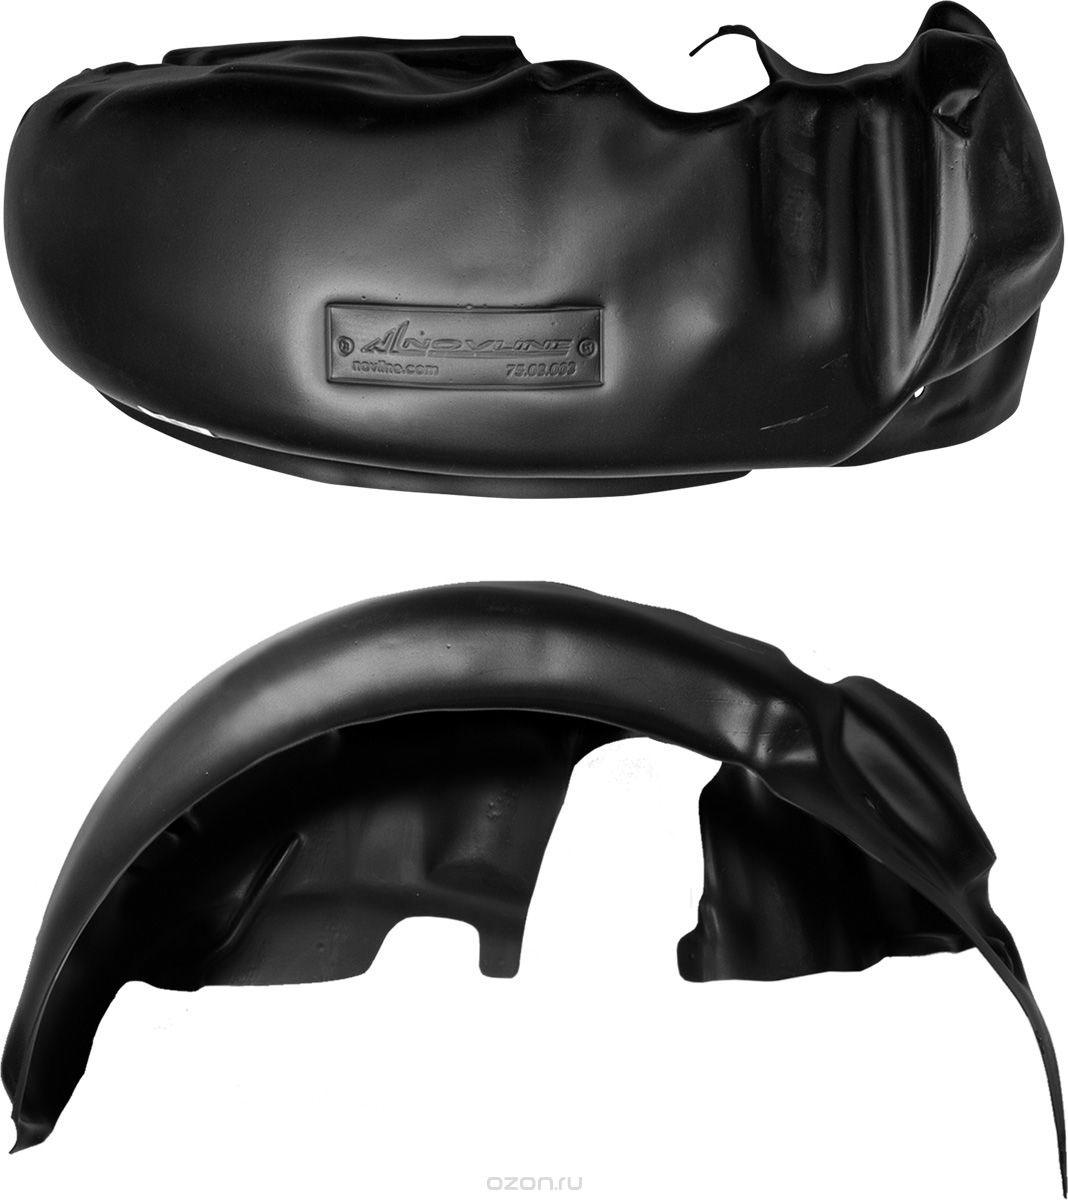 Подкрылок Novline-Autofamily, для Mazda CX-7, 2010-2013, передний правыйNLL.33.18.002Идеальная защита колесной ниши. Локеры разработаны с применением цифровых технологий, гарантируют максимальную повторяемость поверхности арки. Изделия устанавливаются без нарушения лакокрасочного покрытия автомобиля, каждый подкрылок комплектуется крепежом. Уважаемые клиенты, обращаем ваше внимание, что фотографии на подкрылки универсальные и не отражают реальную форму изделия. При этом само изделие идет точно под размер указанного автомобиля.